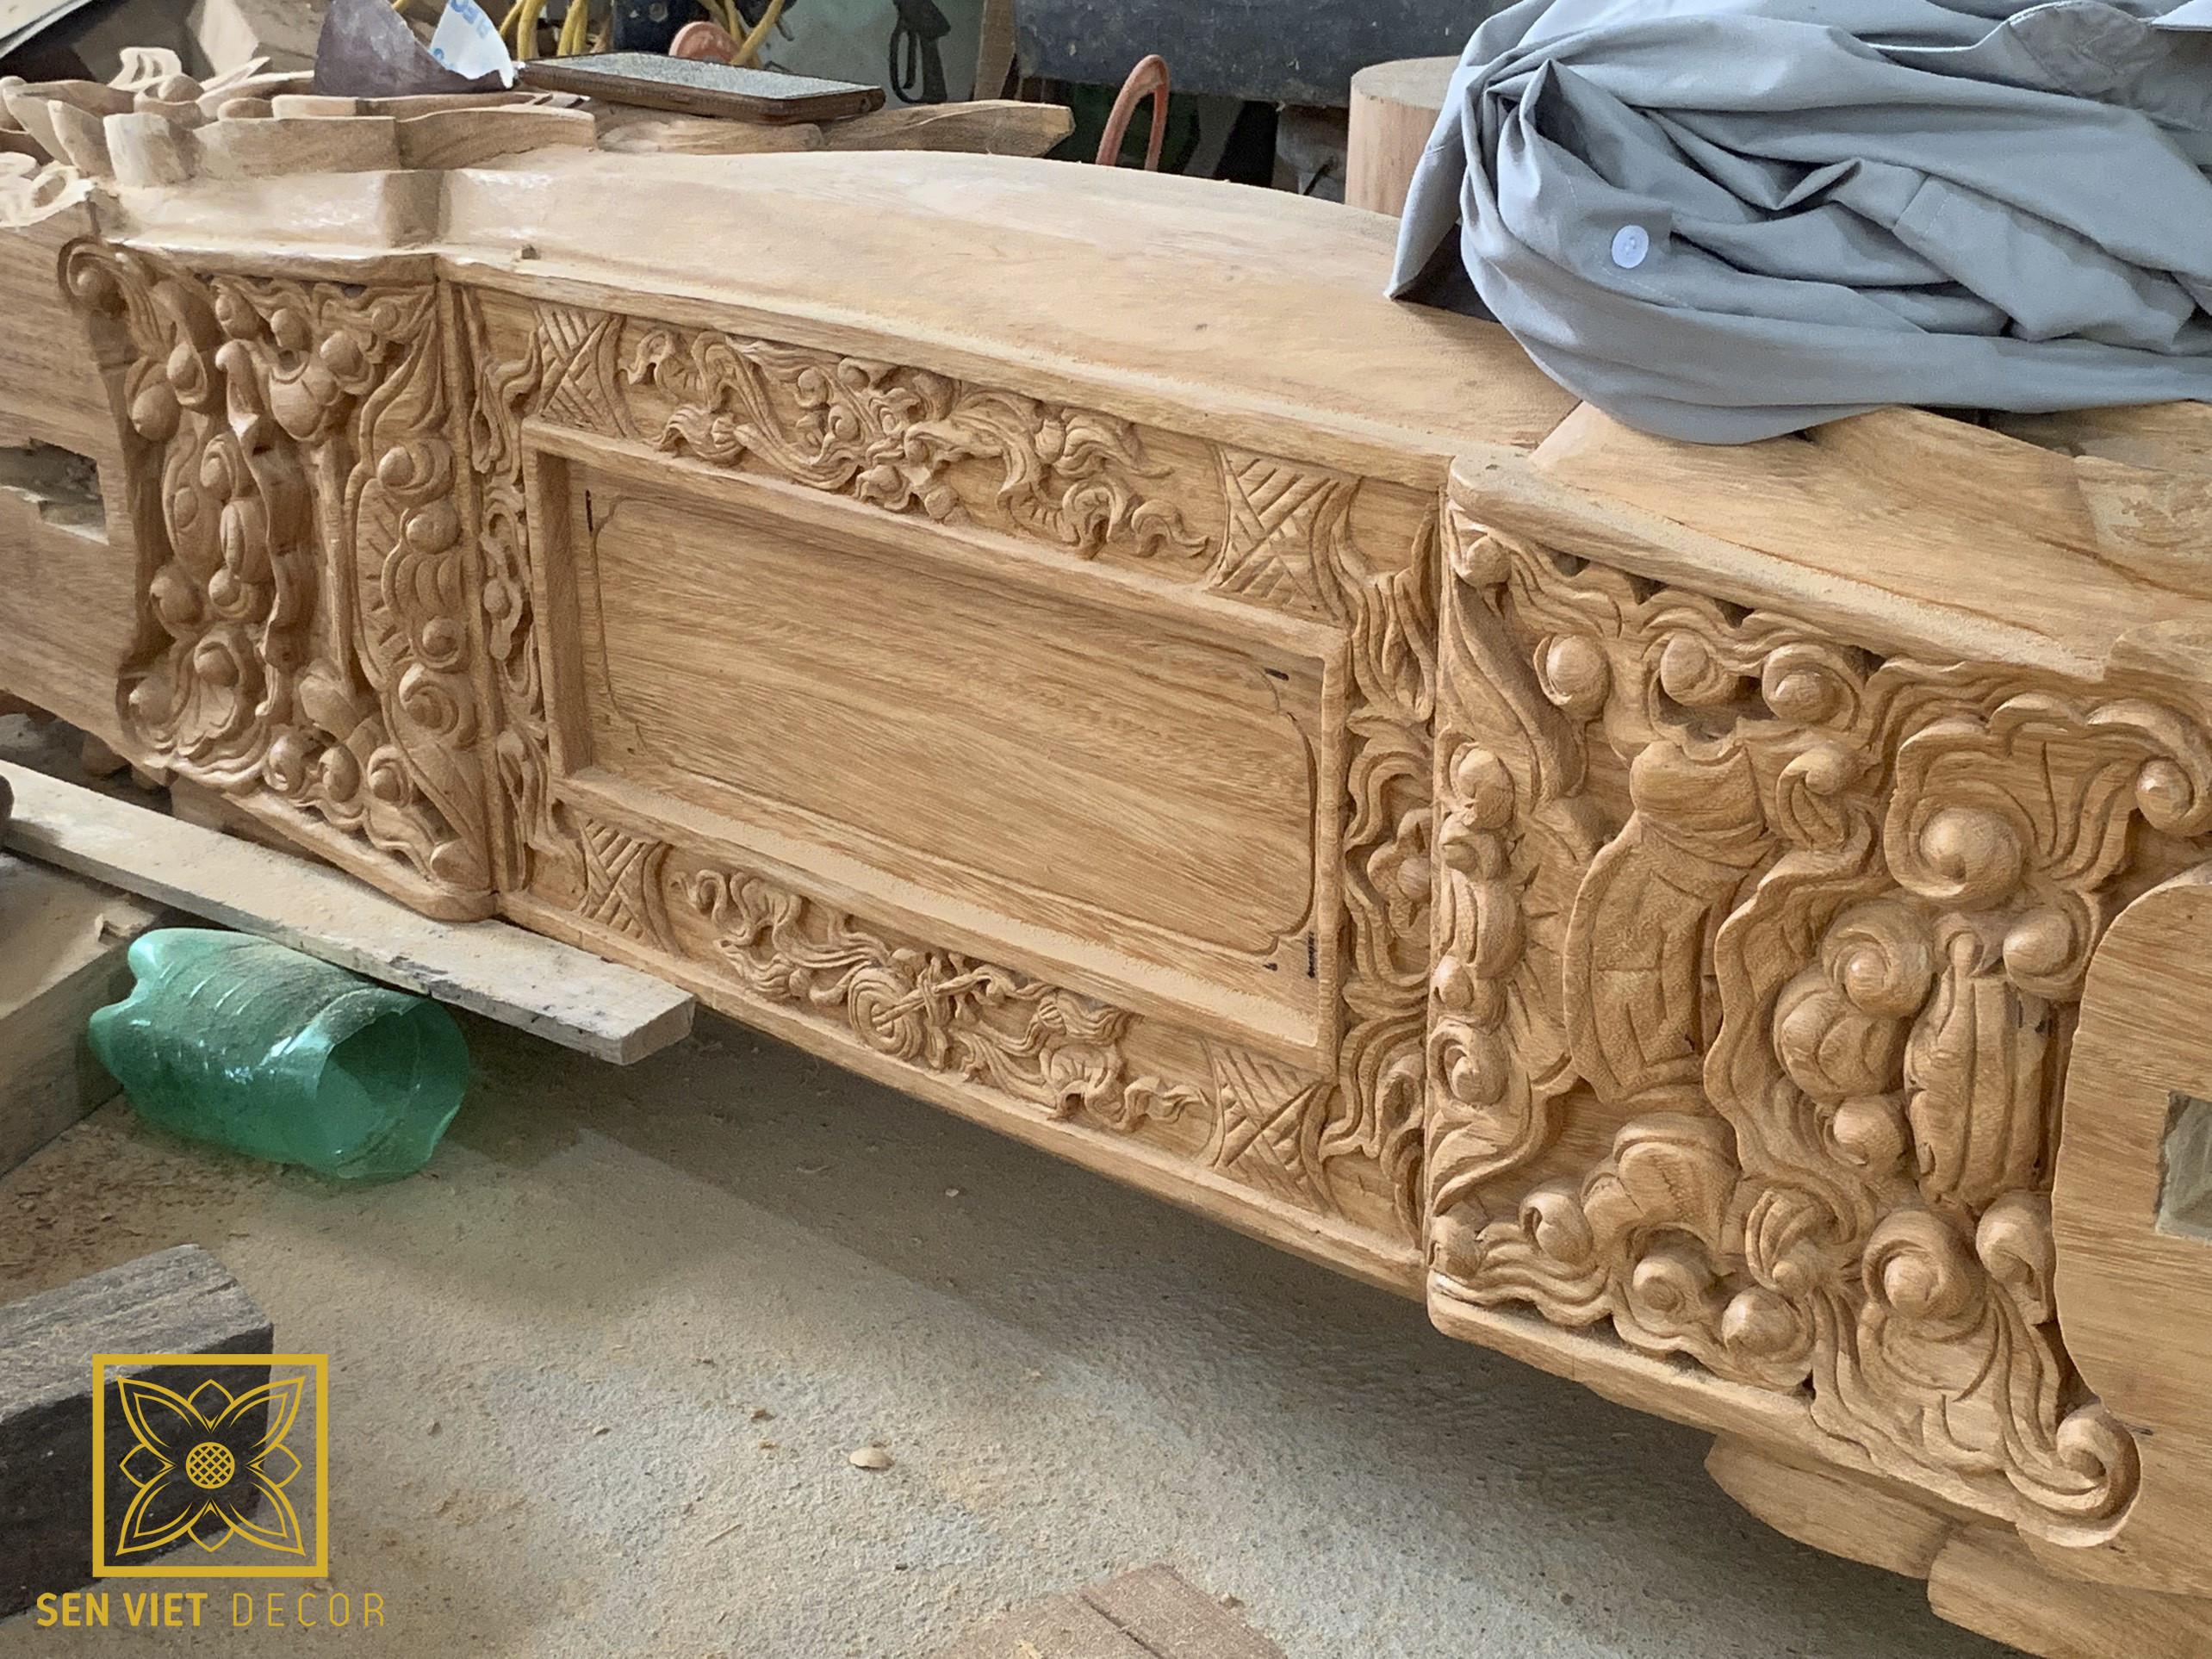 chạm khắc cấu kiện gỗ